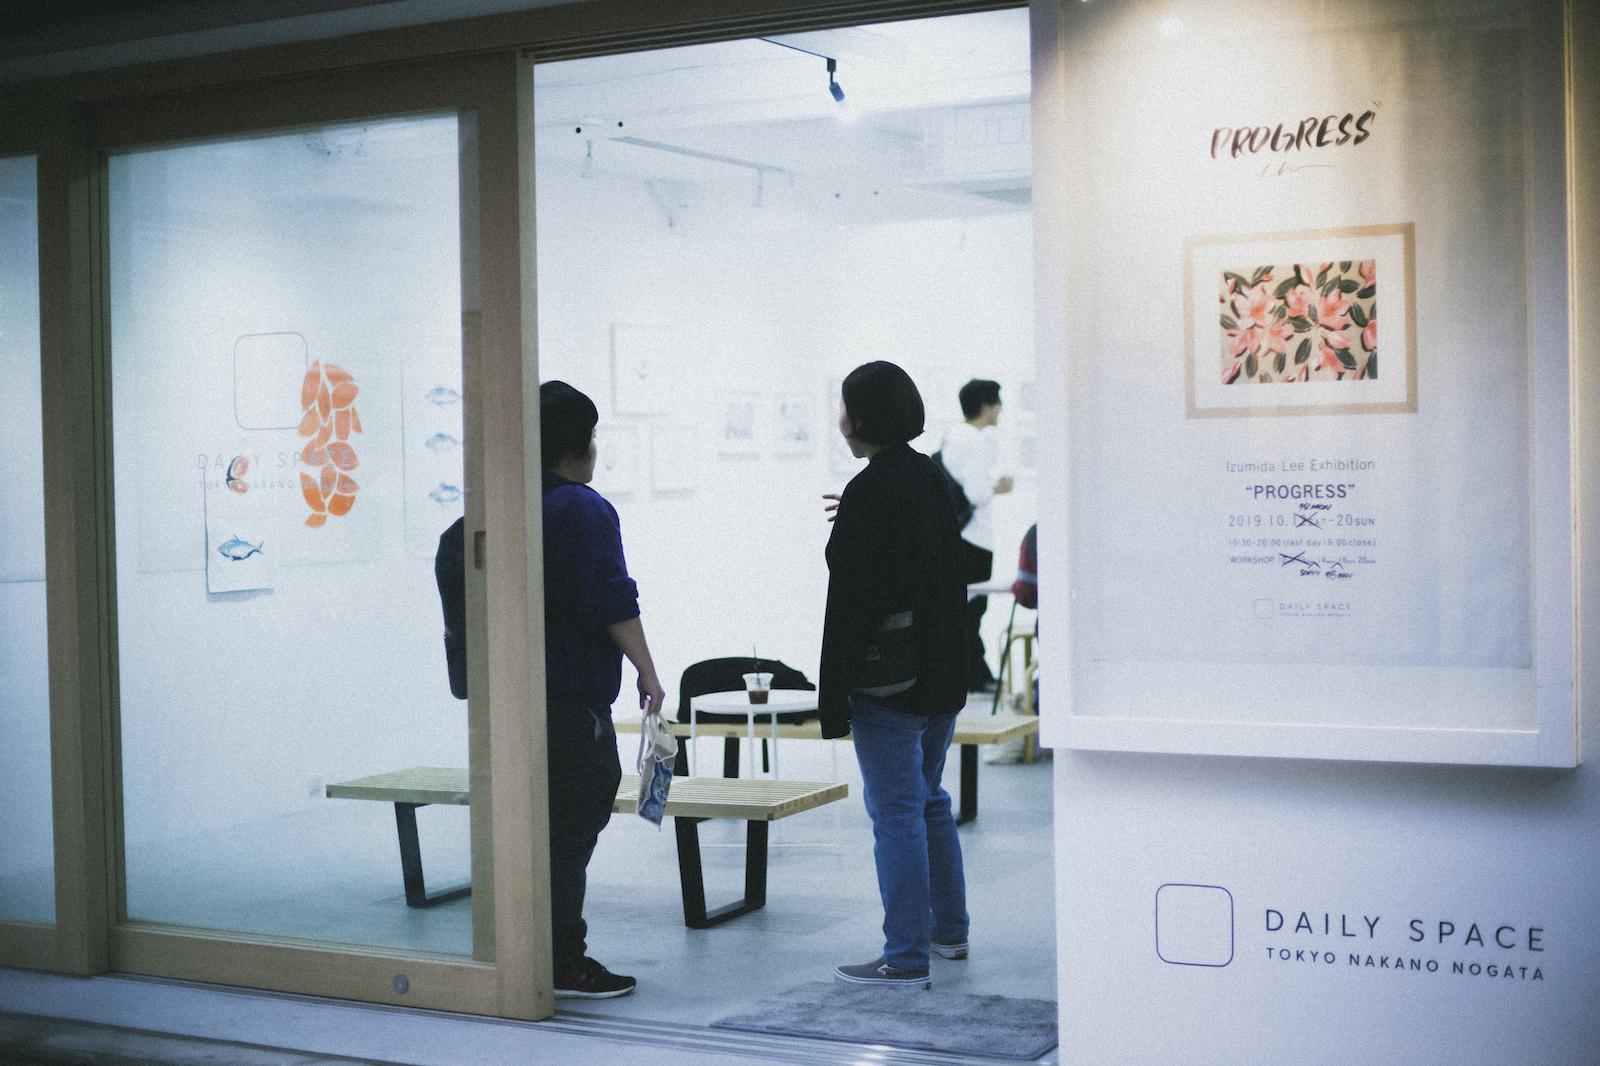 取材時には絵描きのIizumida Leeの個展「PROGRESS」が開催されていた。